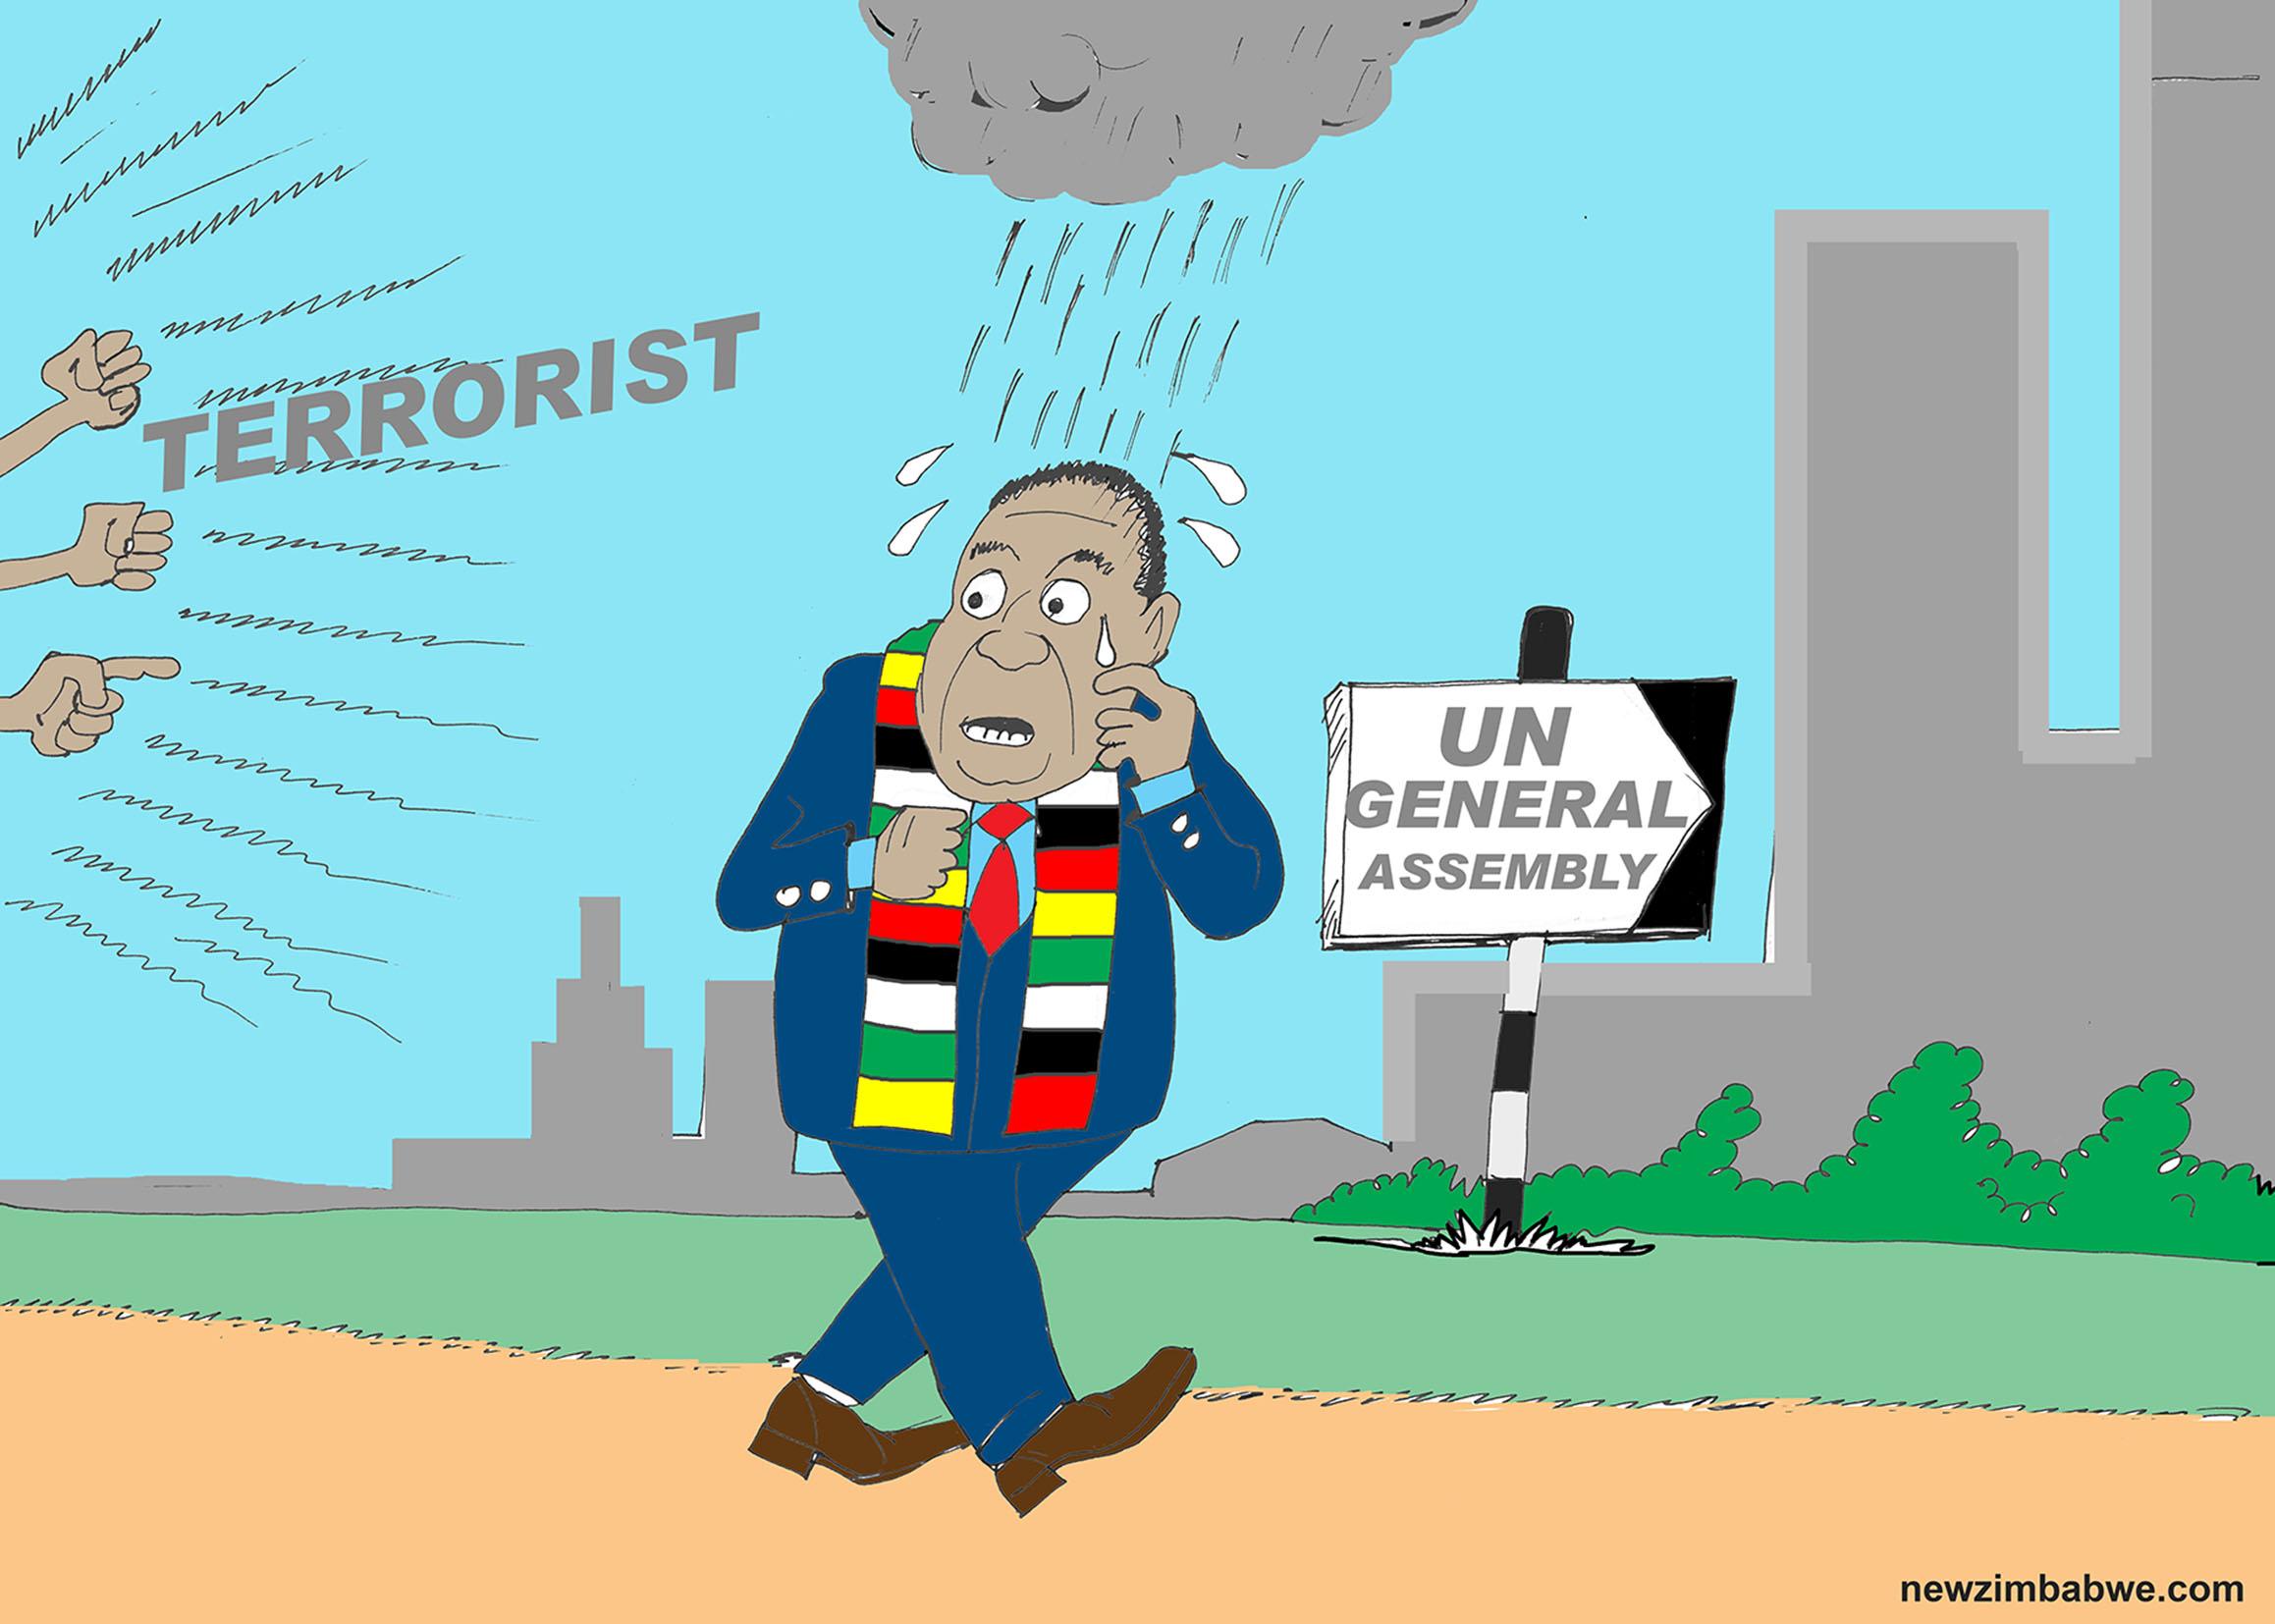 Declared ED a terrorist